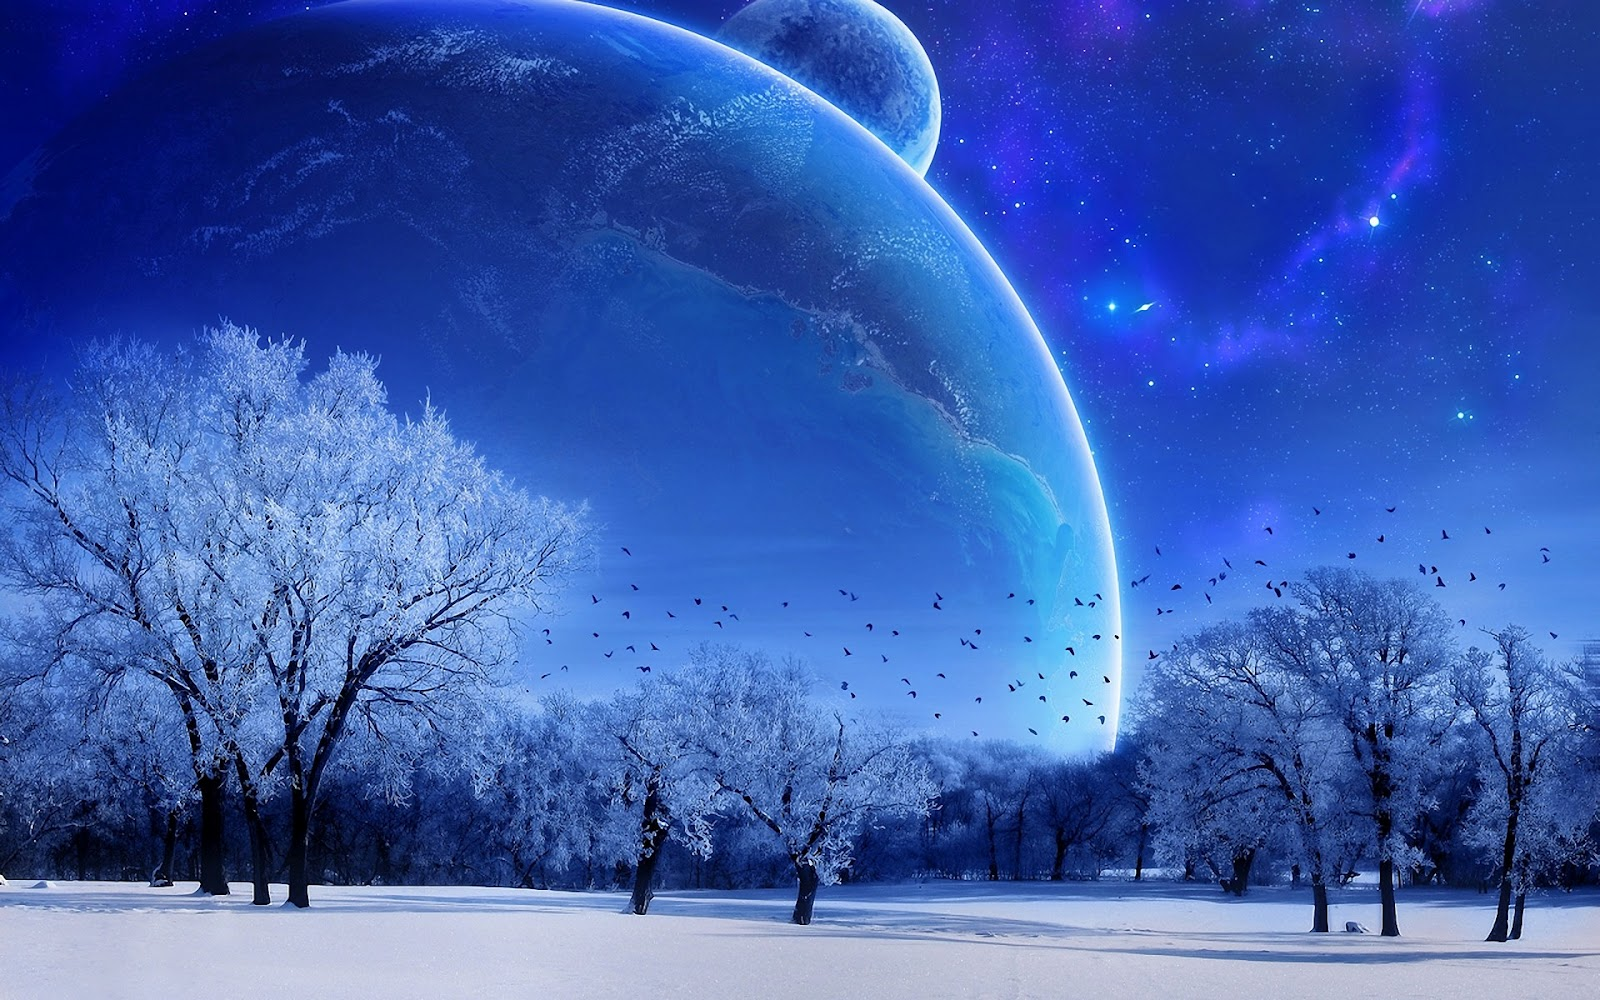 http://4.bp.blogspot.com/-7pv-X4T4clg/TzQYPOaifvI/AAAAAAAAAAg/Us8-QqobYWQ/s1600/wallpaper-9999.jpg